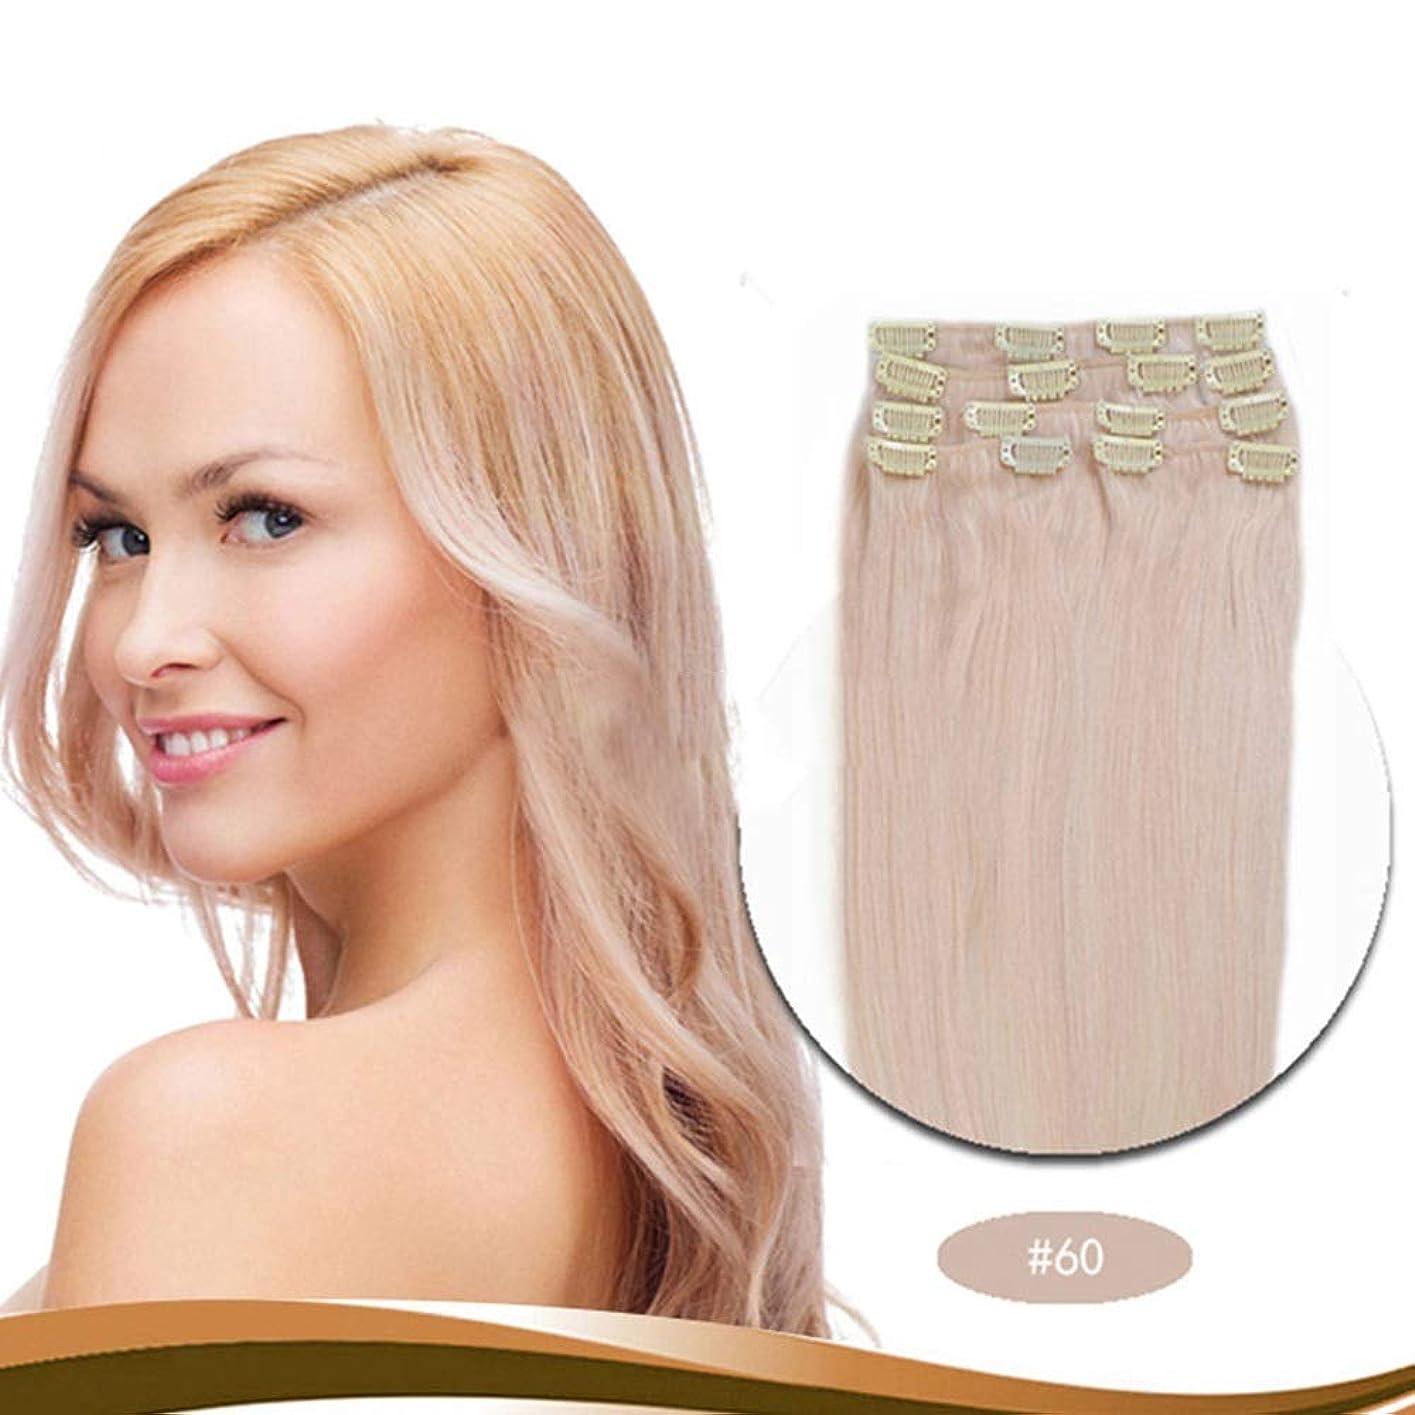 YESONEEP ヘアエクステンション16インチの人間の髪の毛のダブル横糸 - 女性用ストレートヘッド7個フルストレート(16